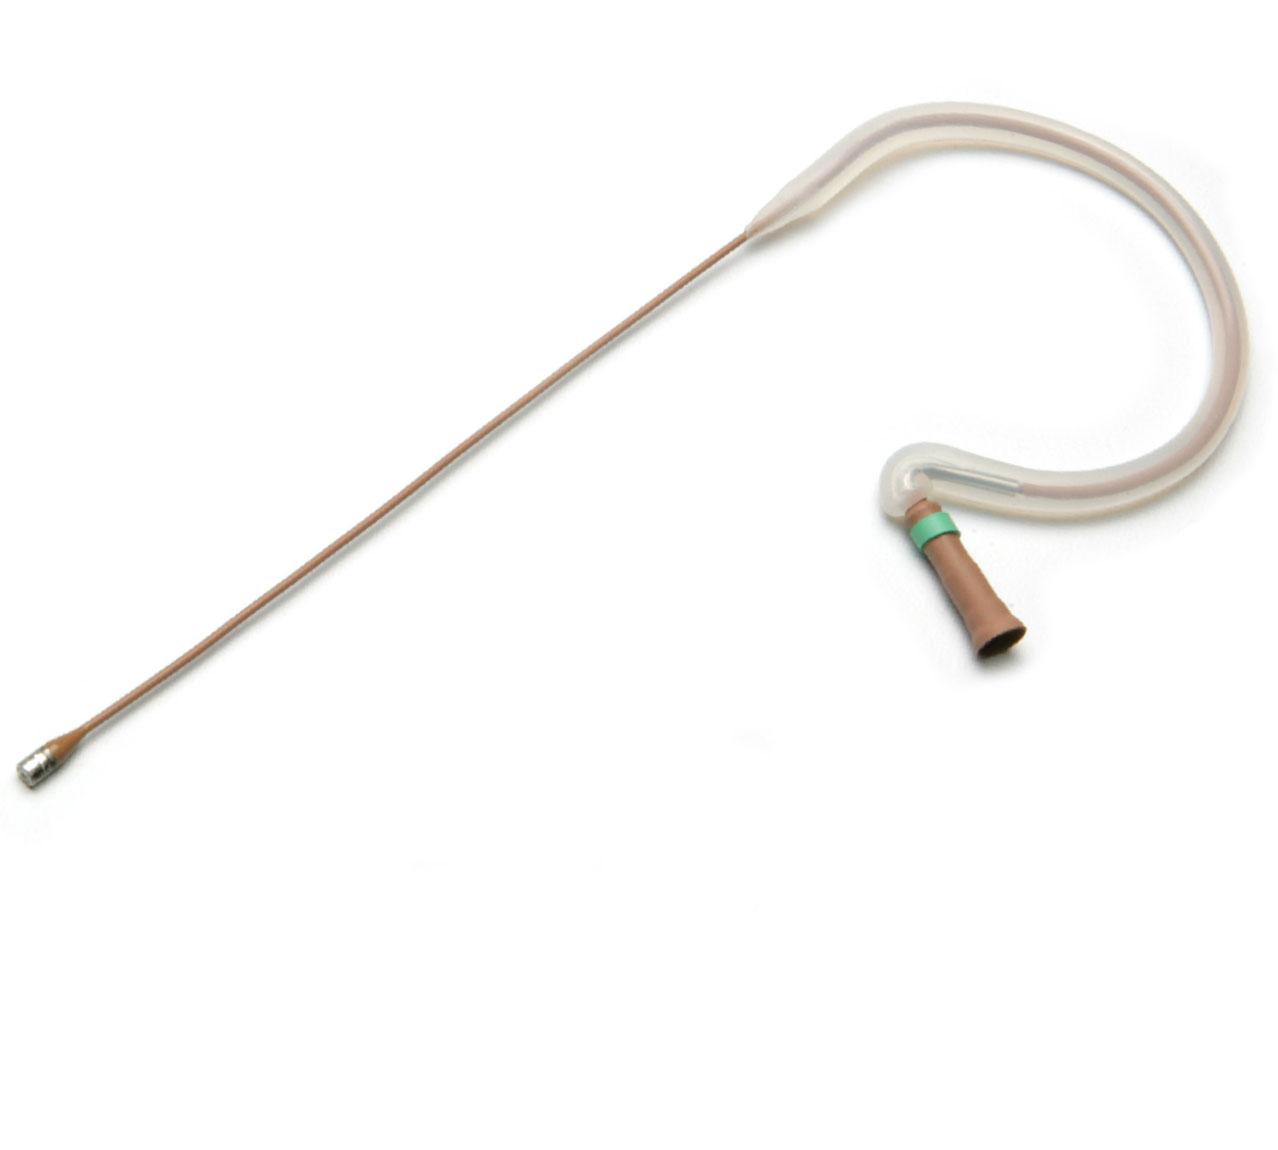 E6i Earset Microphone for Sennheiser wireless, Black